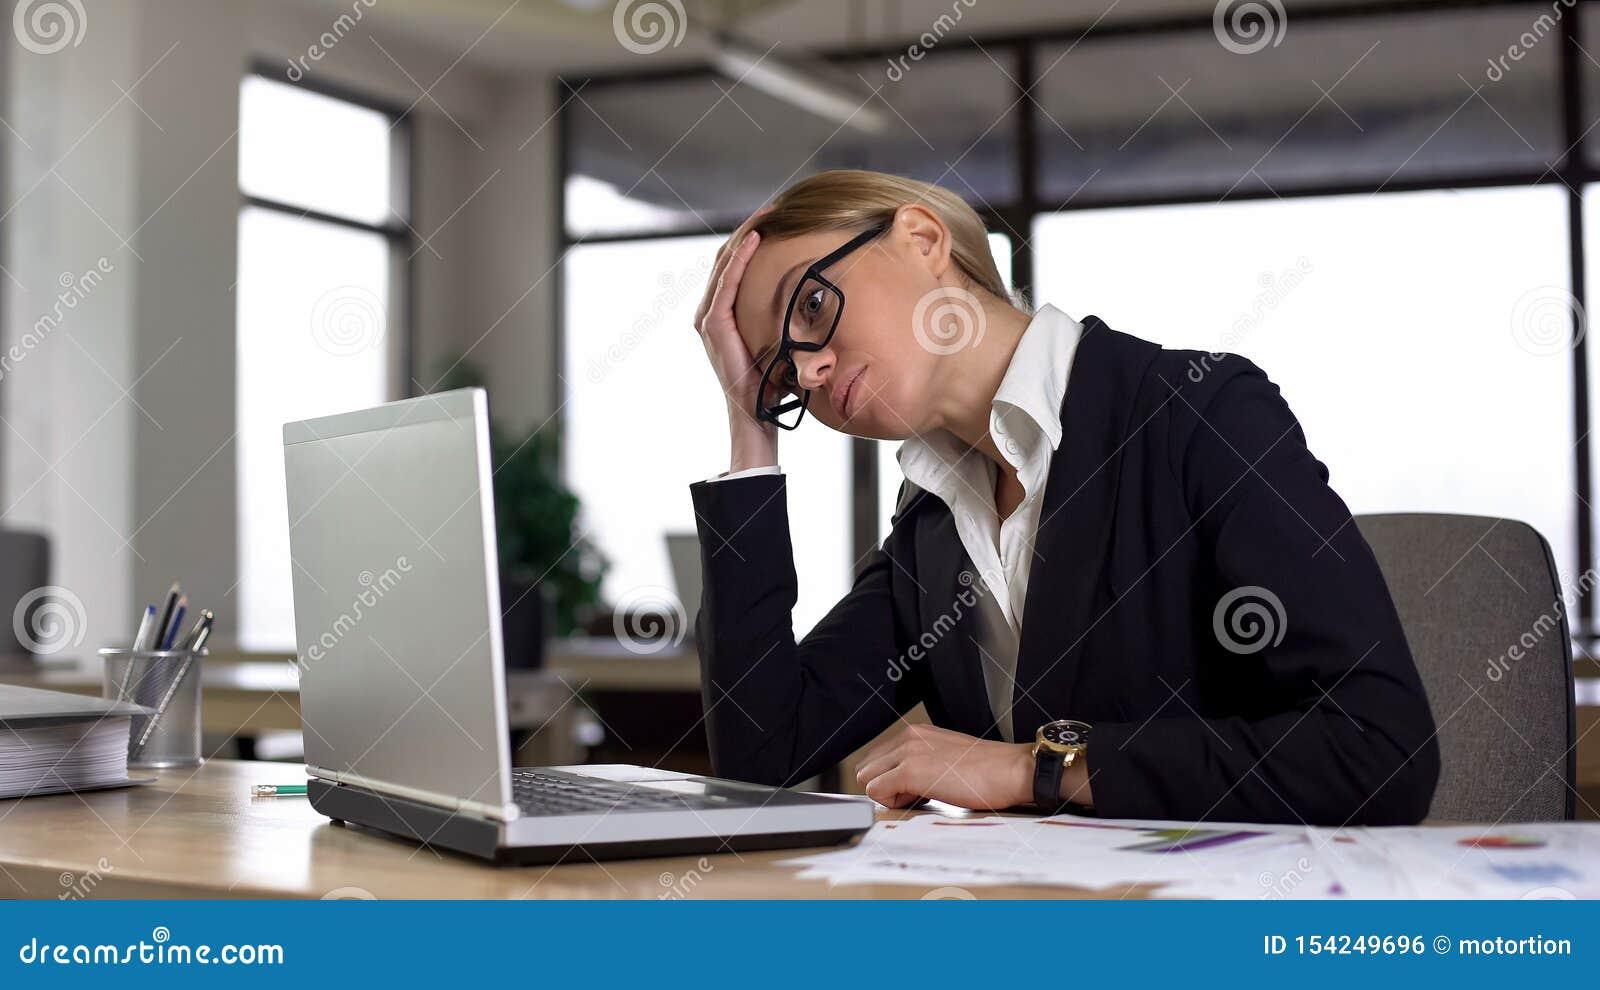 看膝上型计算机的哀伤的妇女,担心困难的项目,缺乏经验